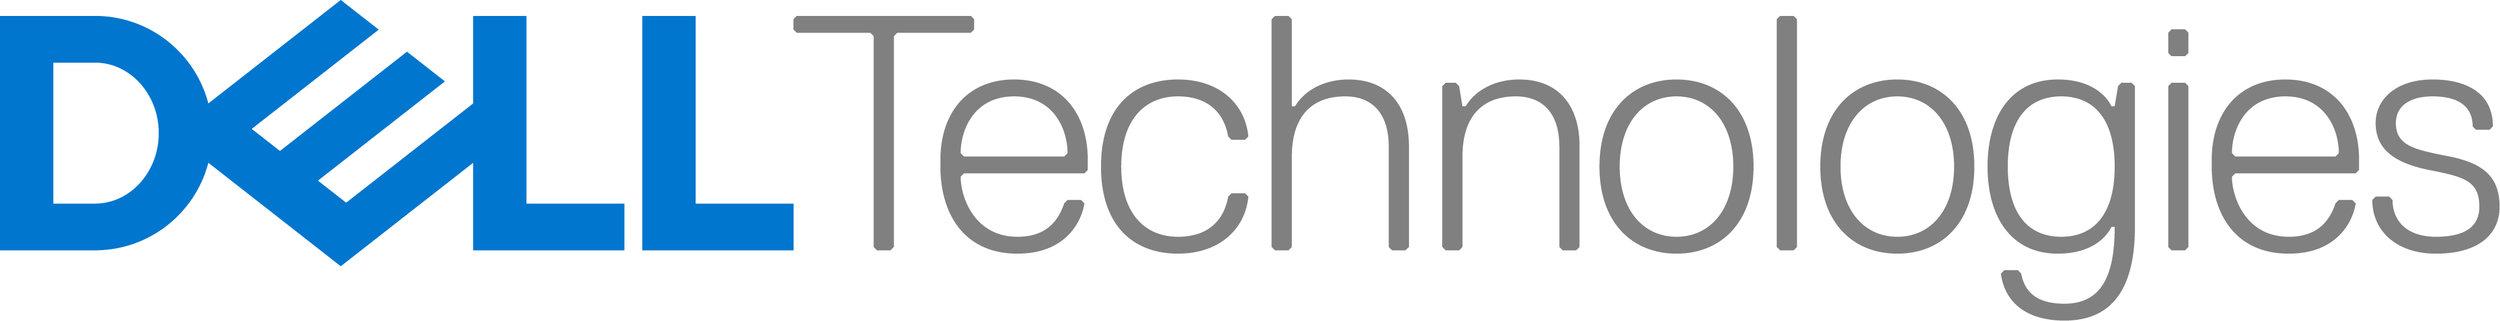 DellTech_Logo_Prm_Blue_Gry_rgb.jpg